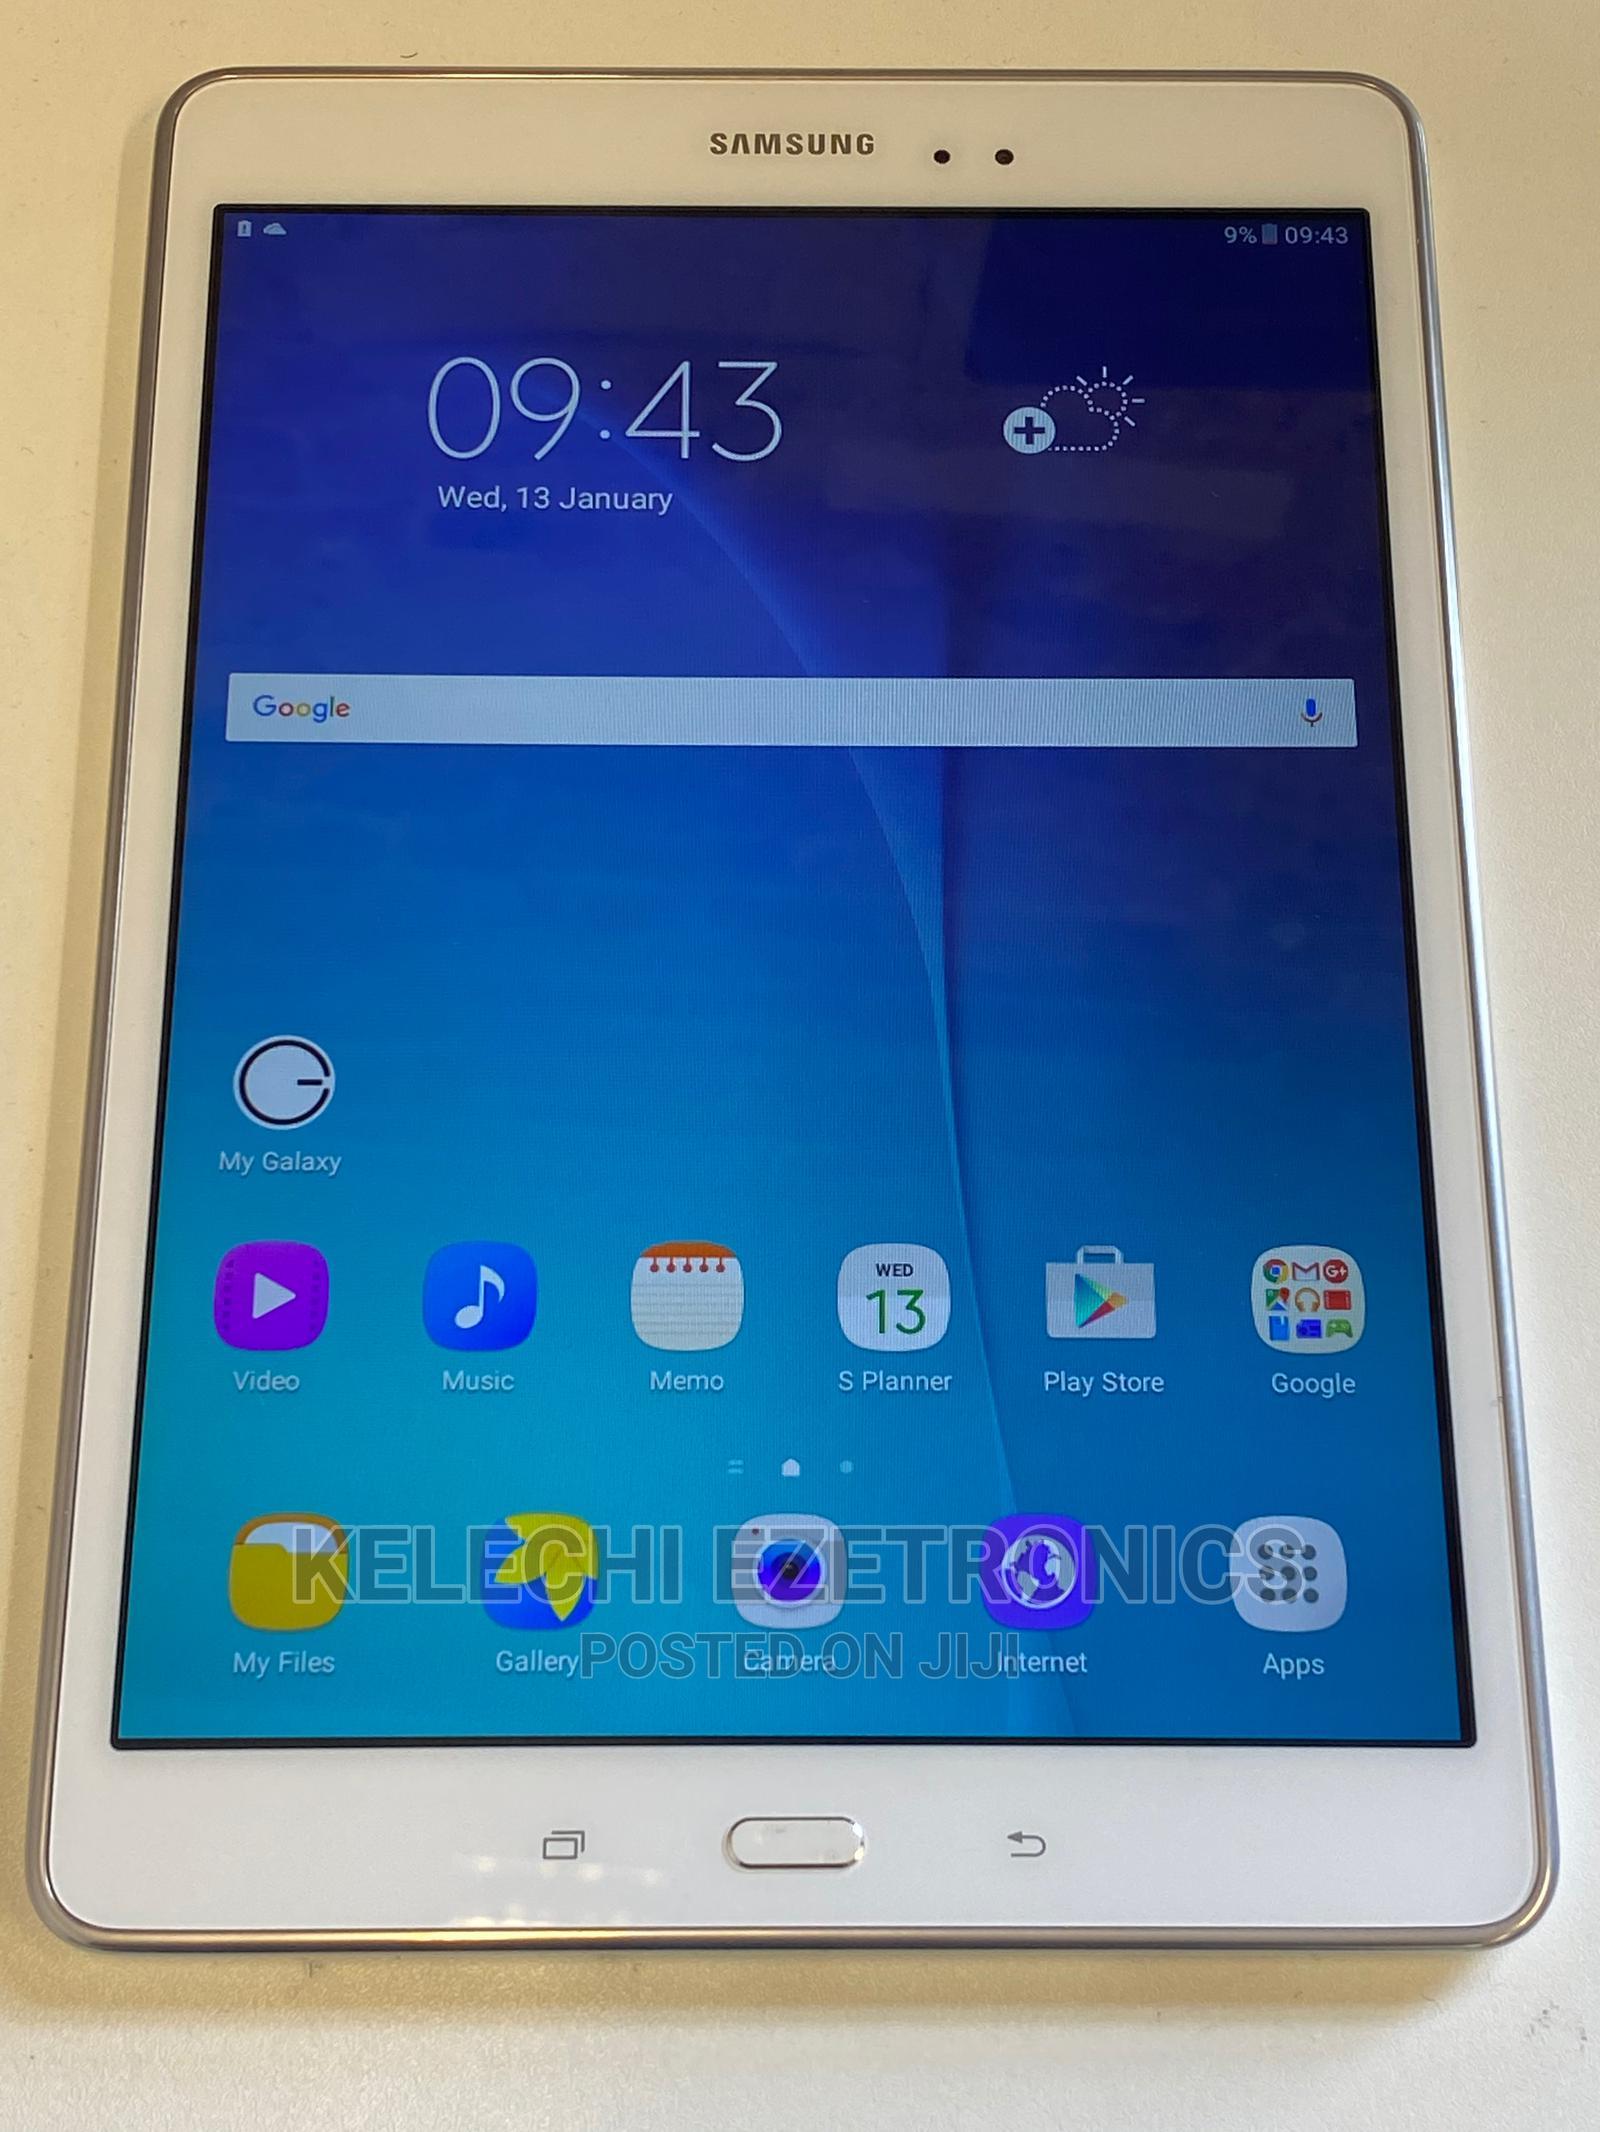 Samsung Galaxy Tab a 9.7 16 GB White